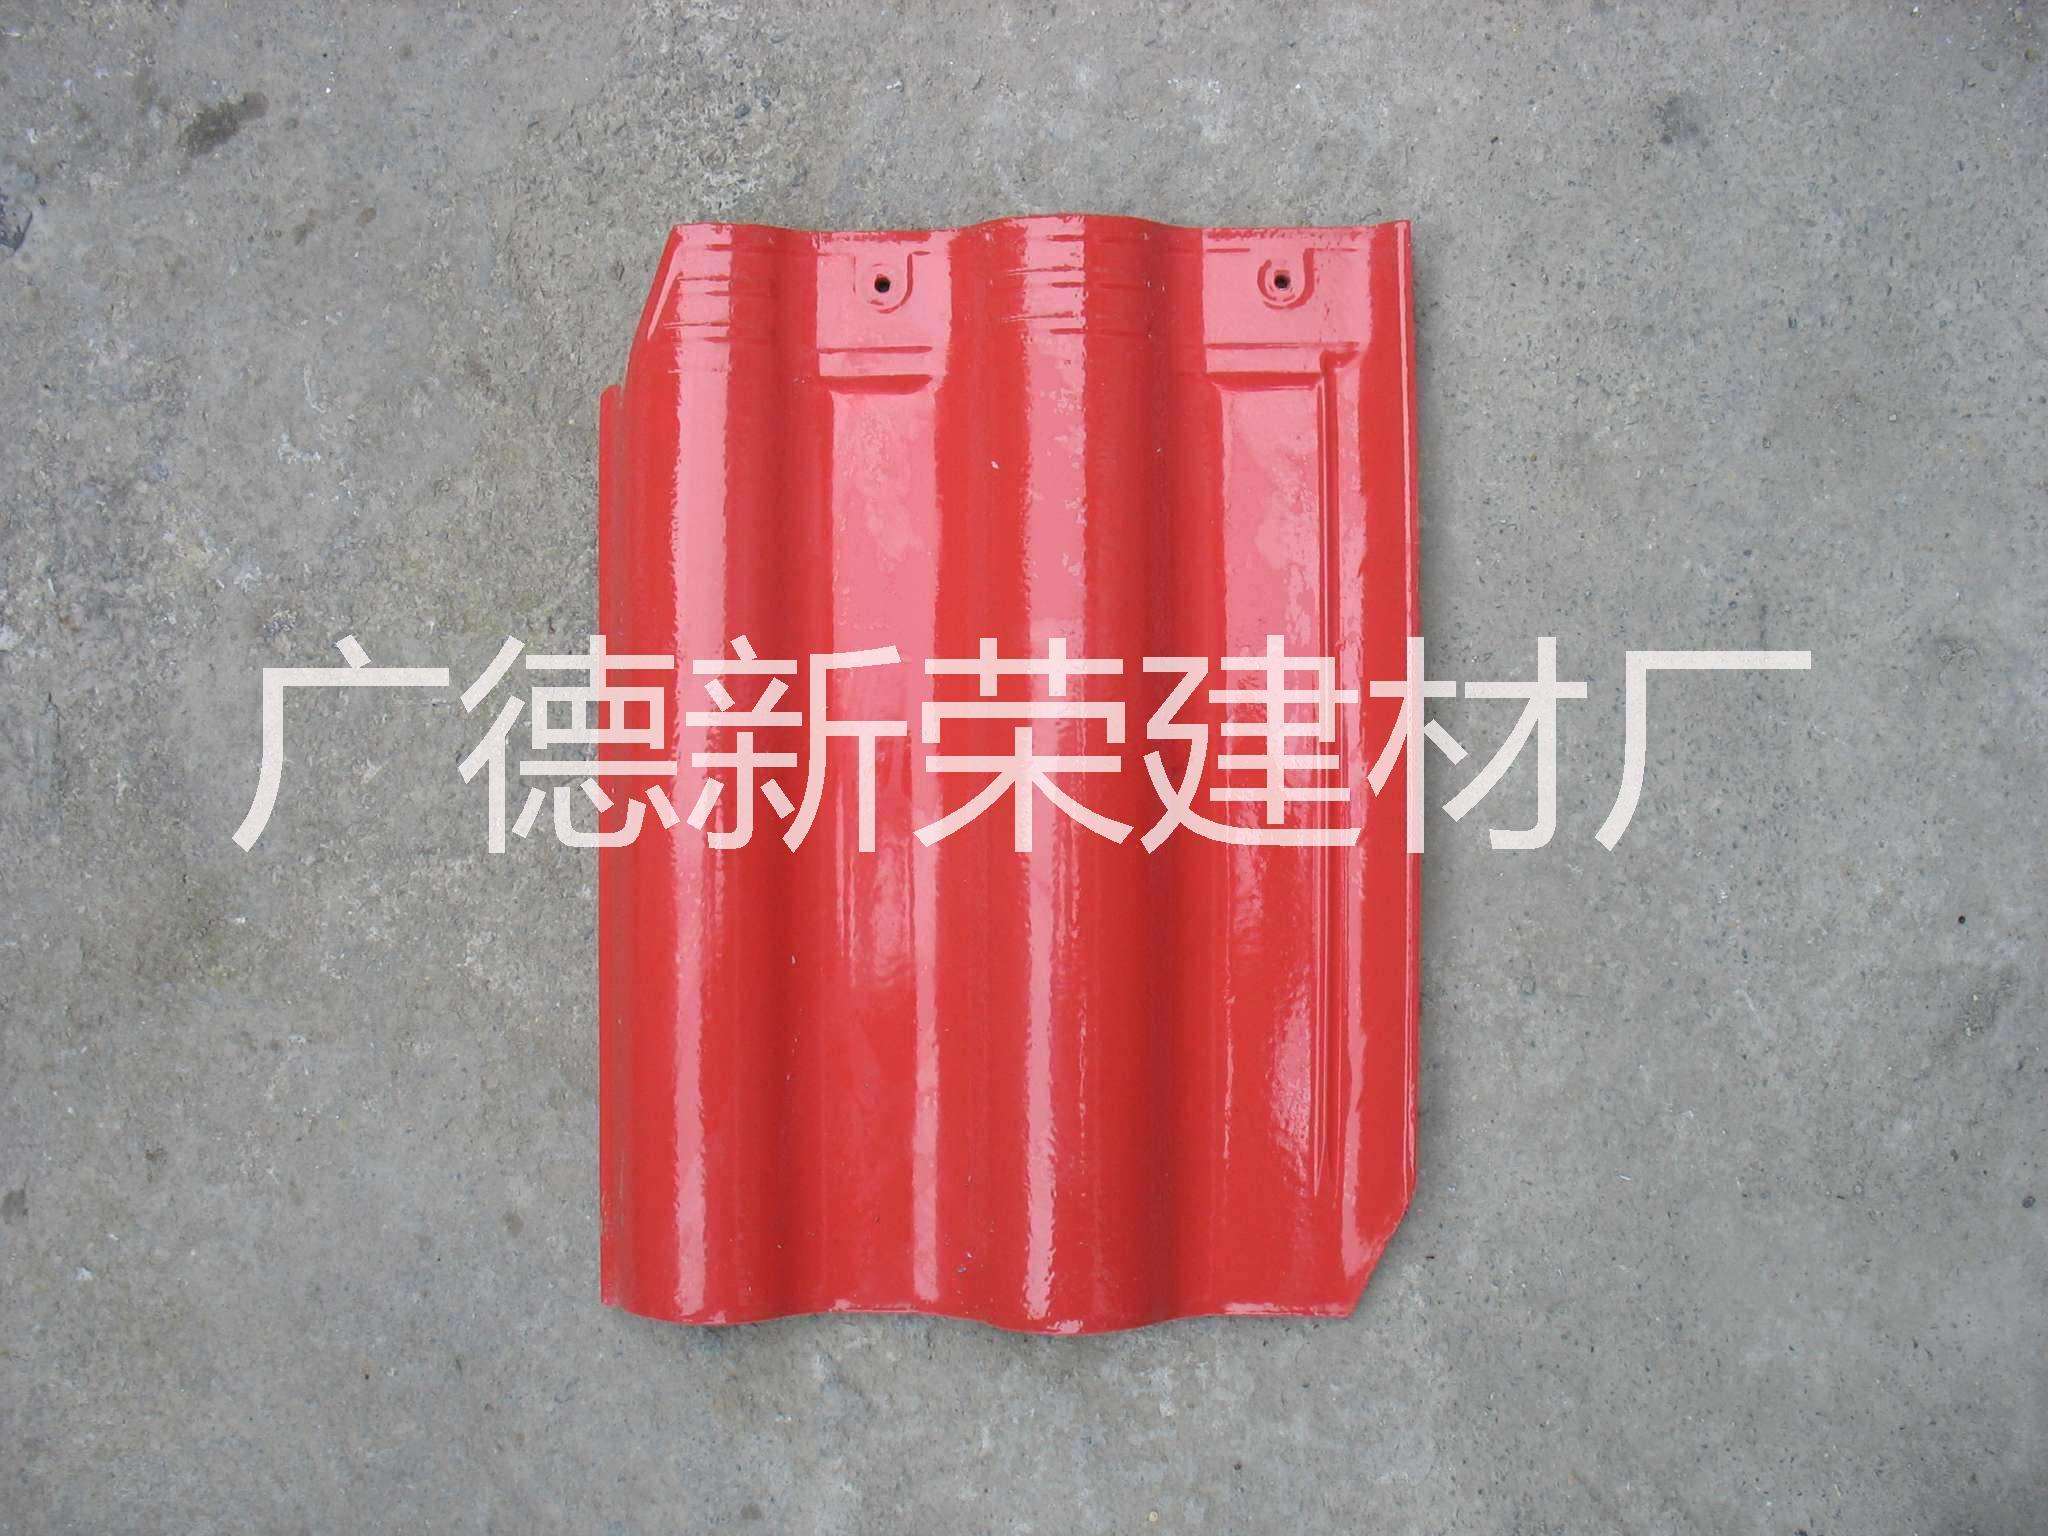 供应宜兴直角瓦价格、安徽陶瓷瓦厂家、宜兴琉璃瓦生产厂